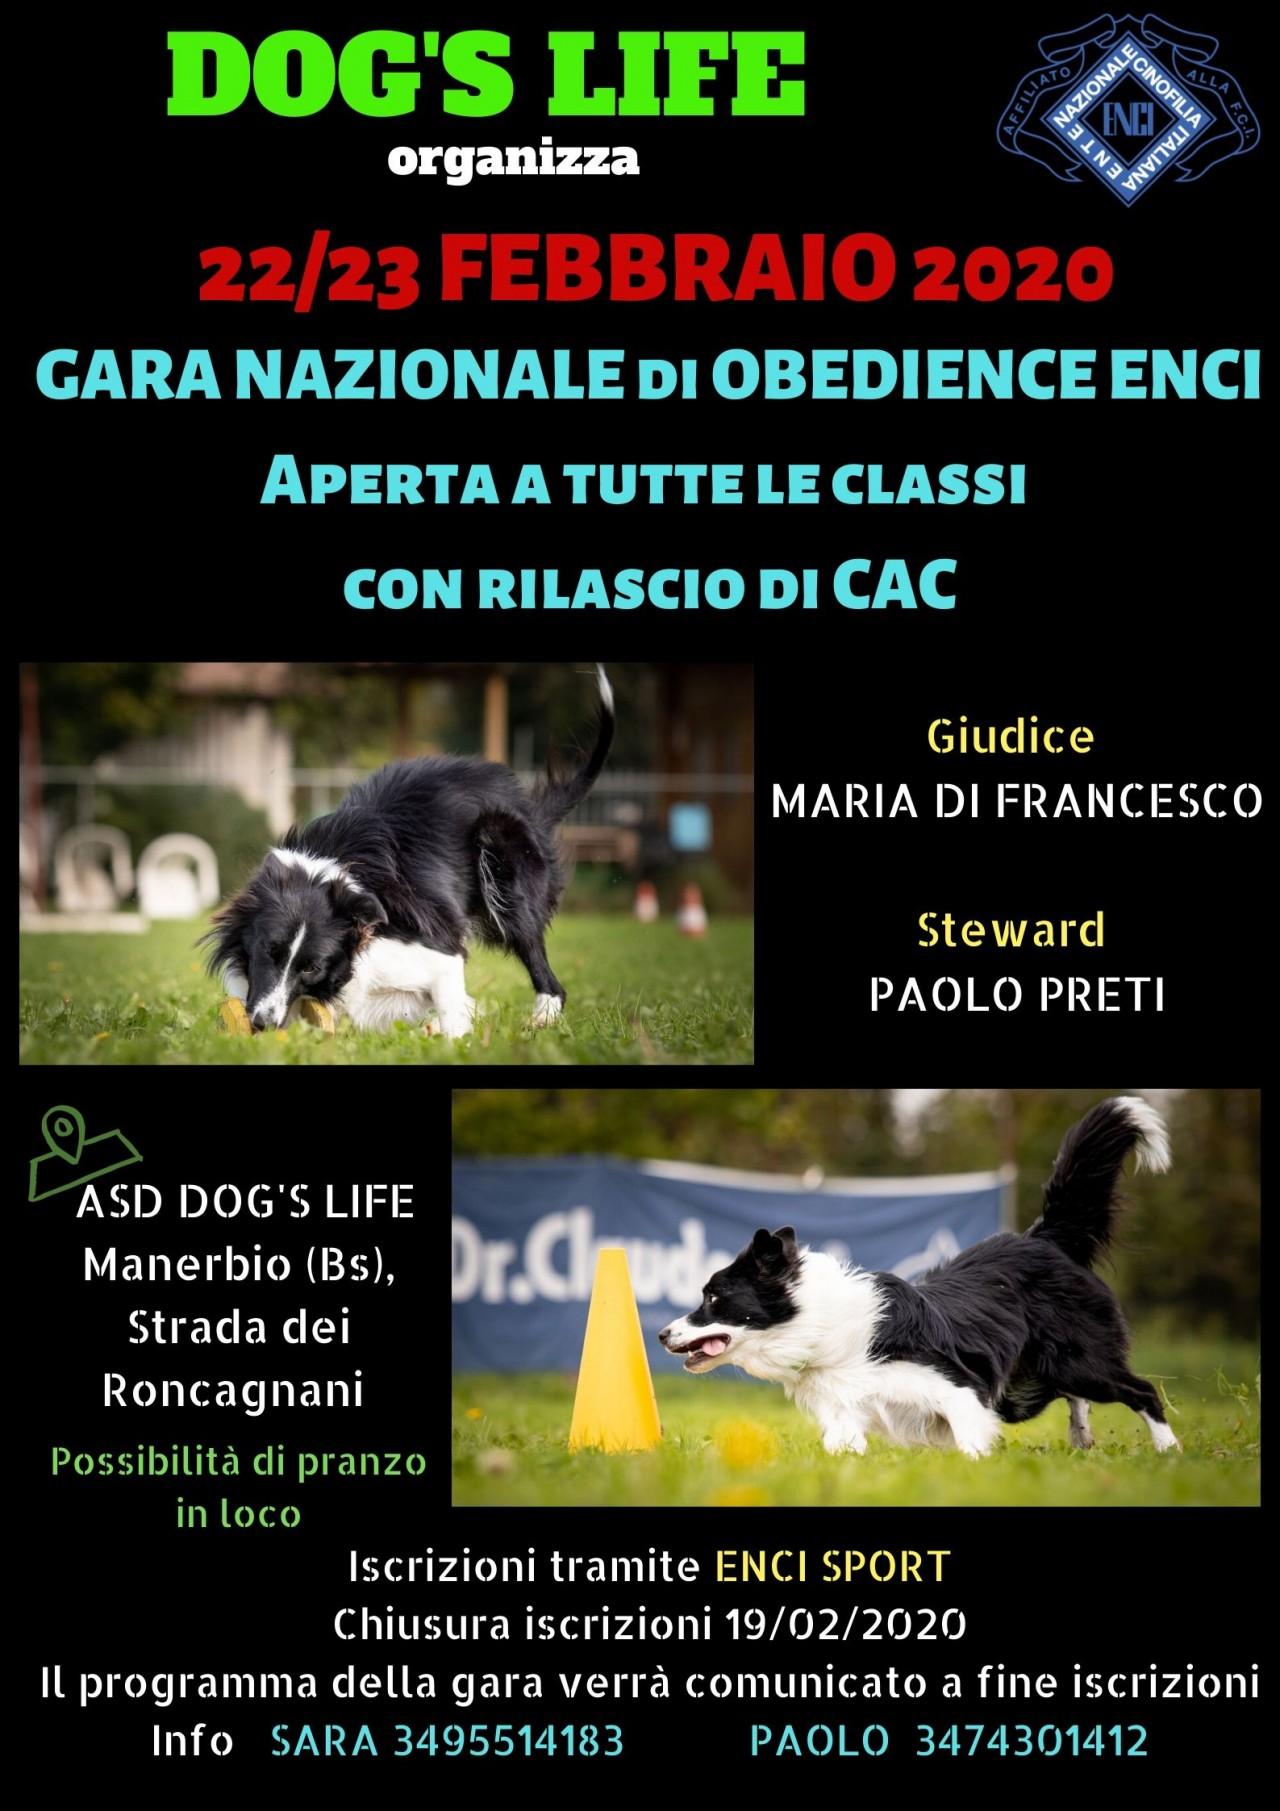 22-23/02/2020 GARA NAZIONALE DI OBEDIENCE ENCI PRESSO DOG'S LIFE